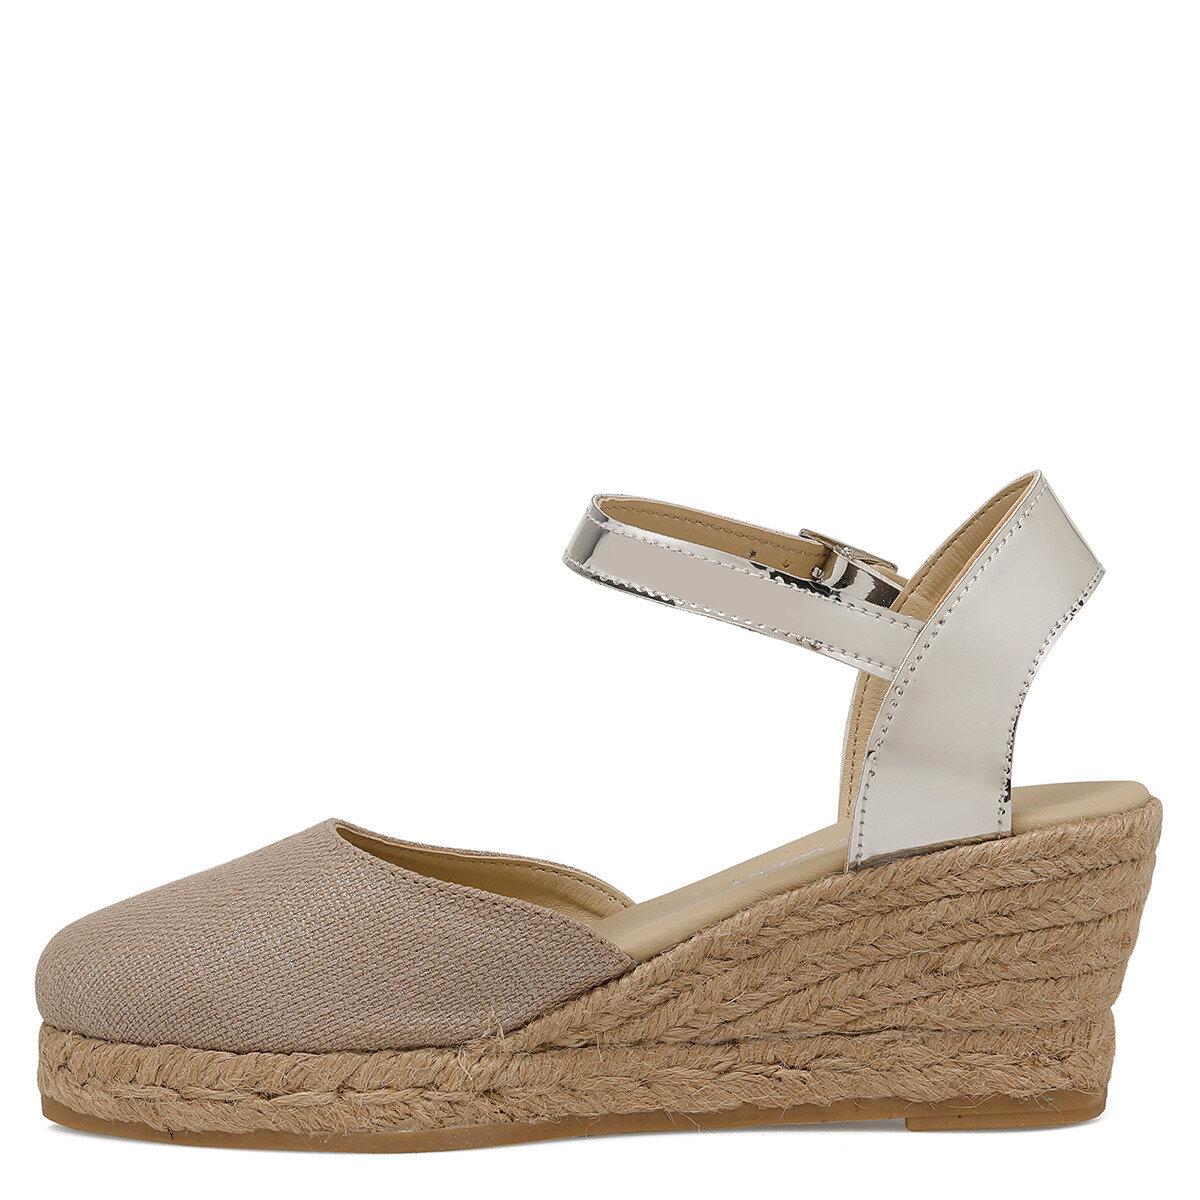 MORISOT Koyu Bej Kadın Topuklu Ayakkabı